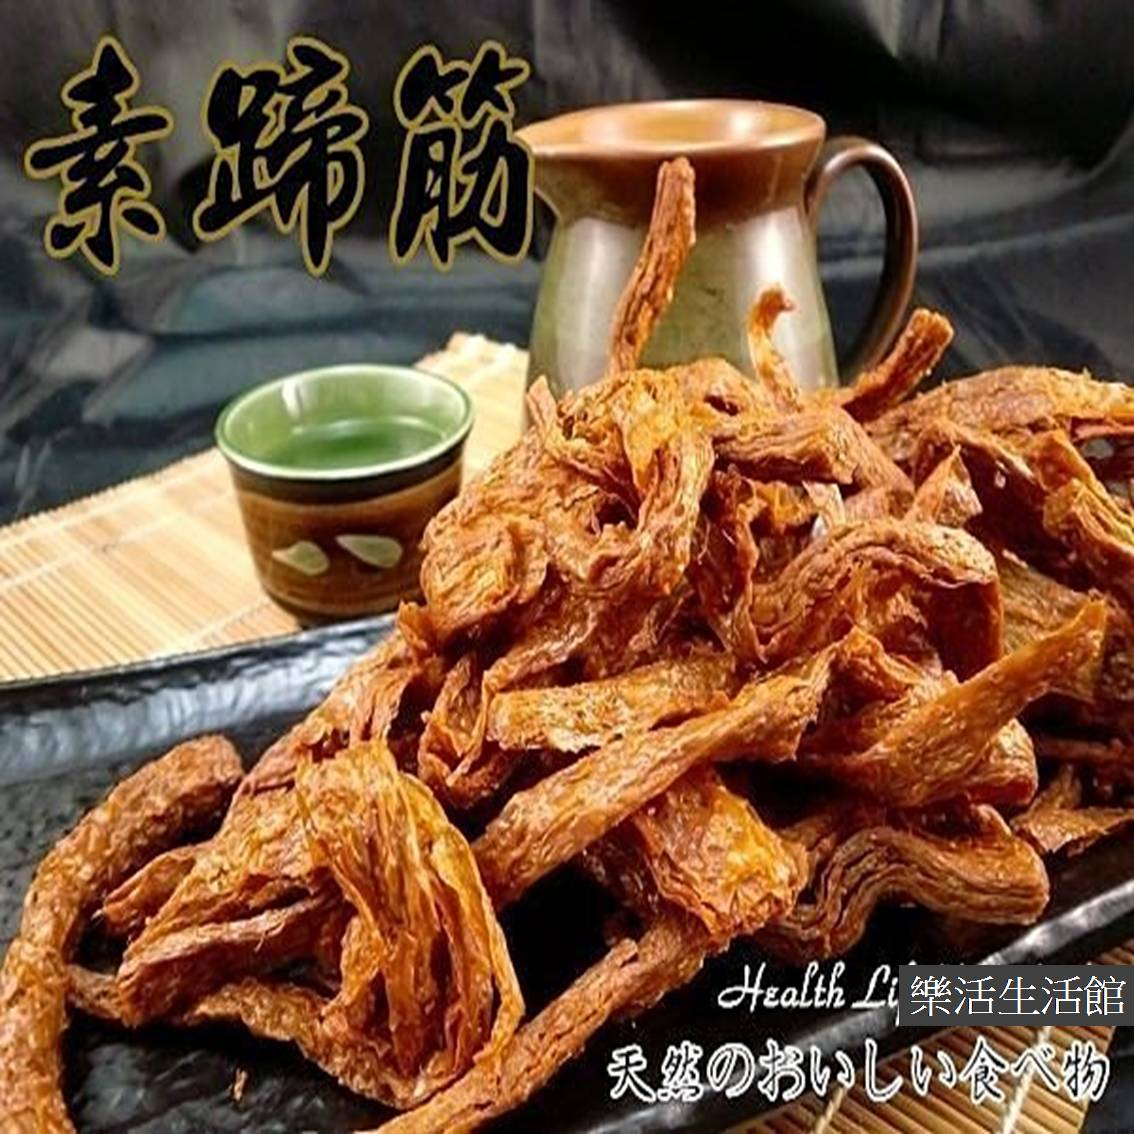 素蹄筋 250g 【樂活生活館】